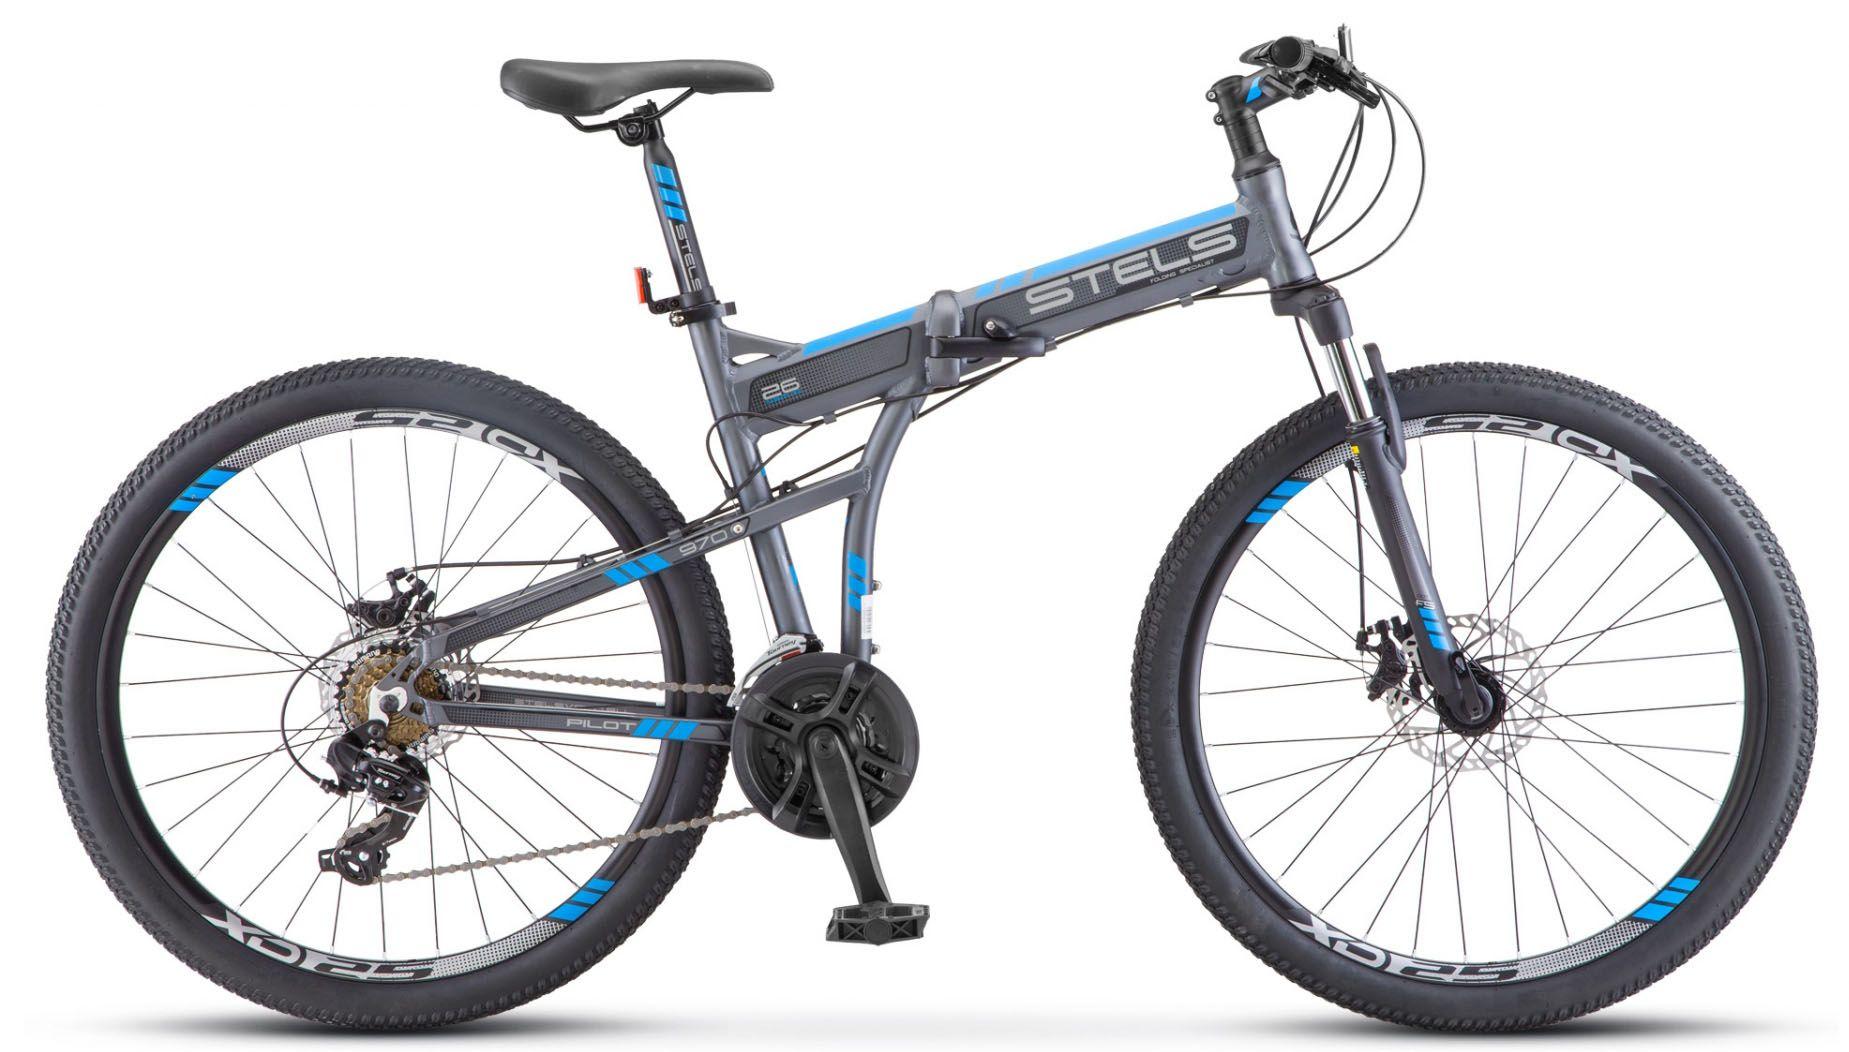 цена Велосипед Stels Pilot 970 MD 26 V021 2018